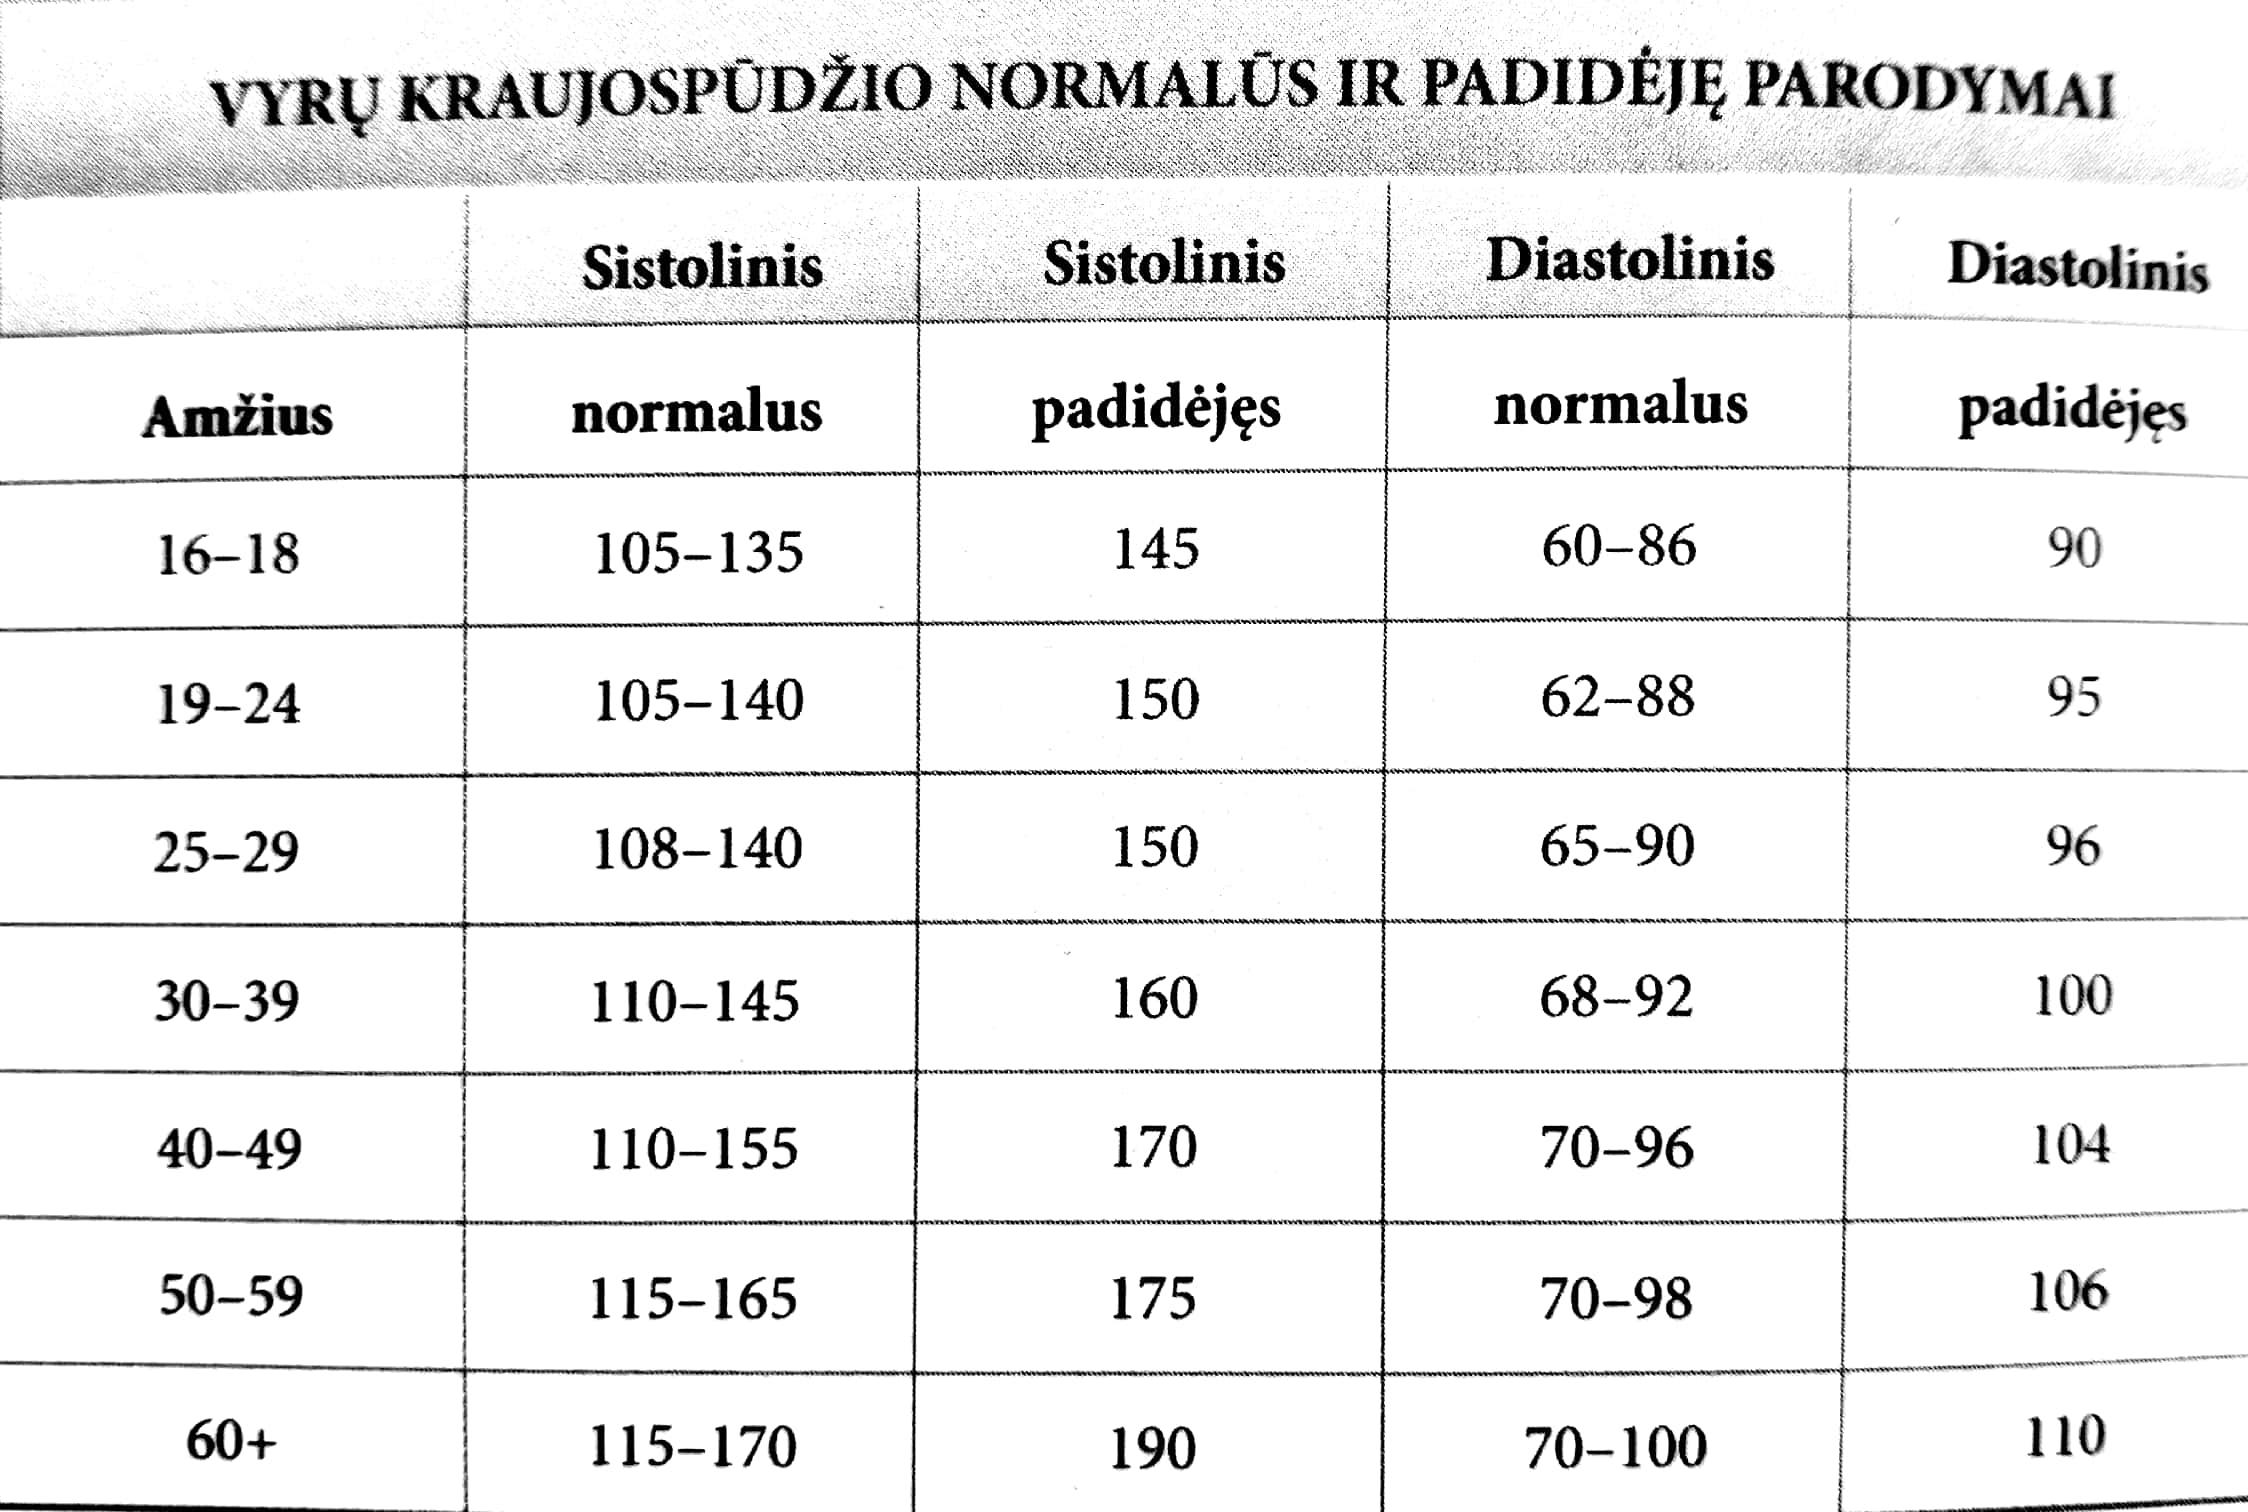 normalus vaistas nuo hipertenzijos)